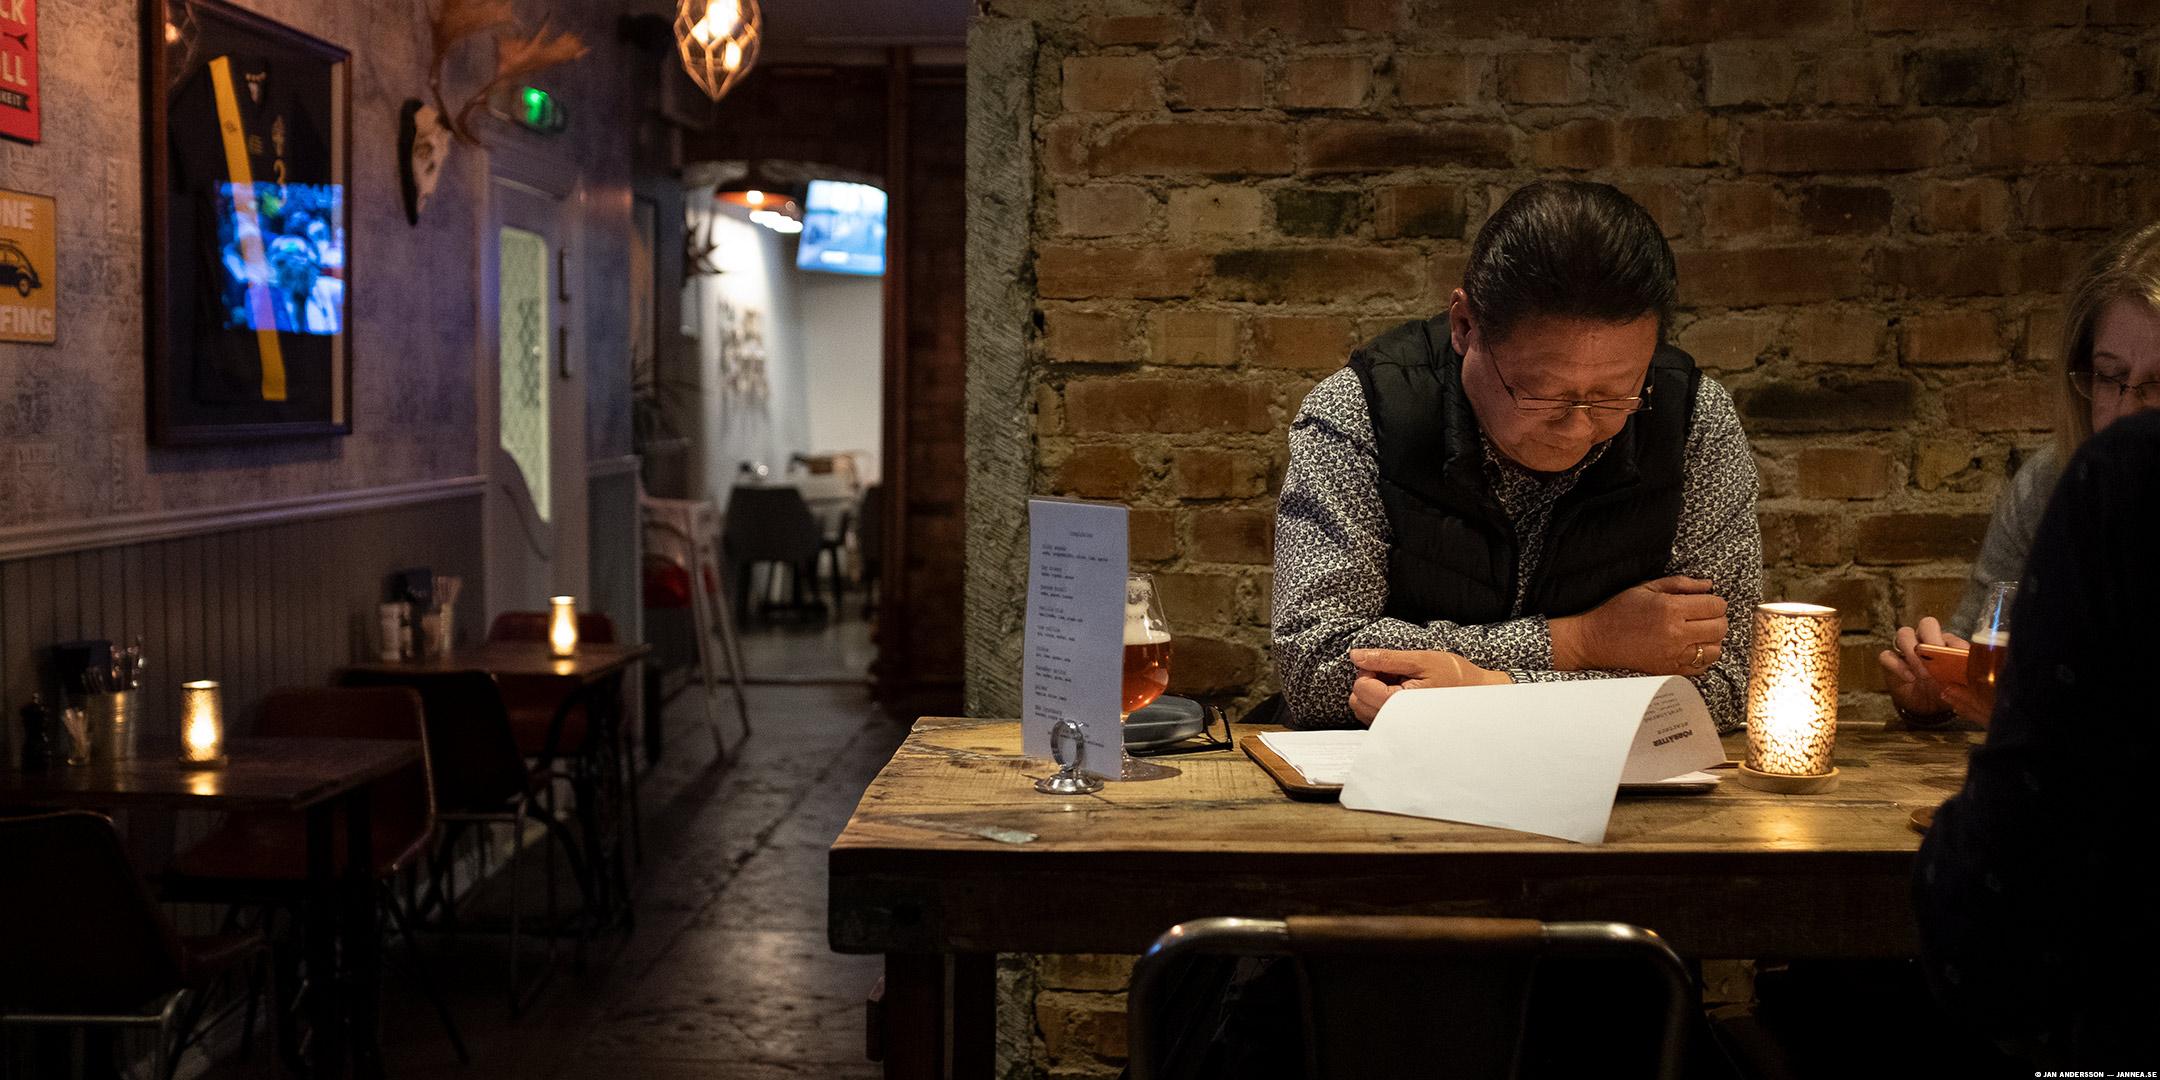 En japansk man kollar en meny | © Jan Andersson